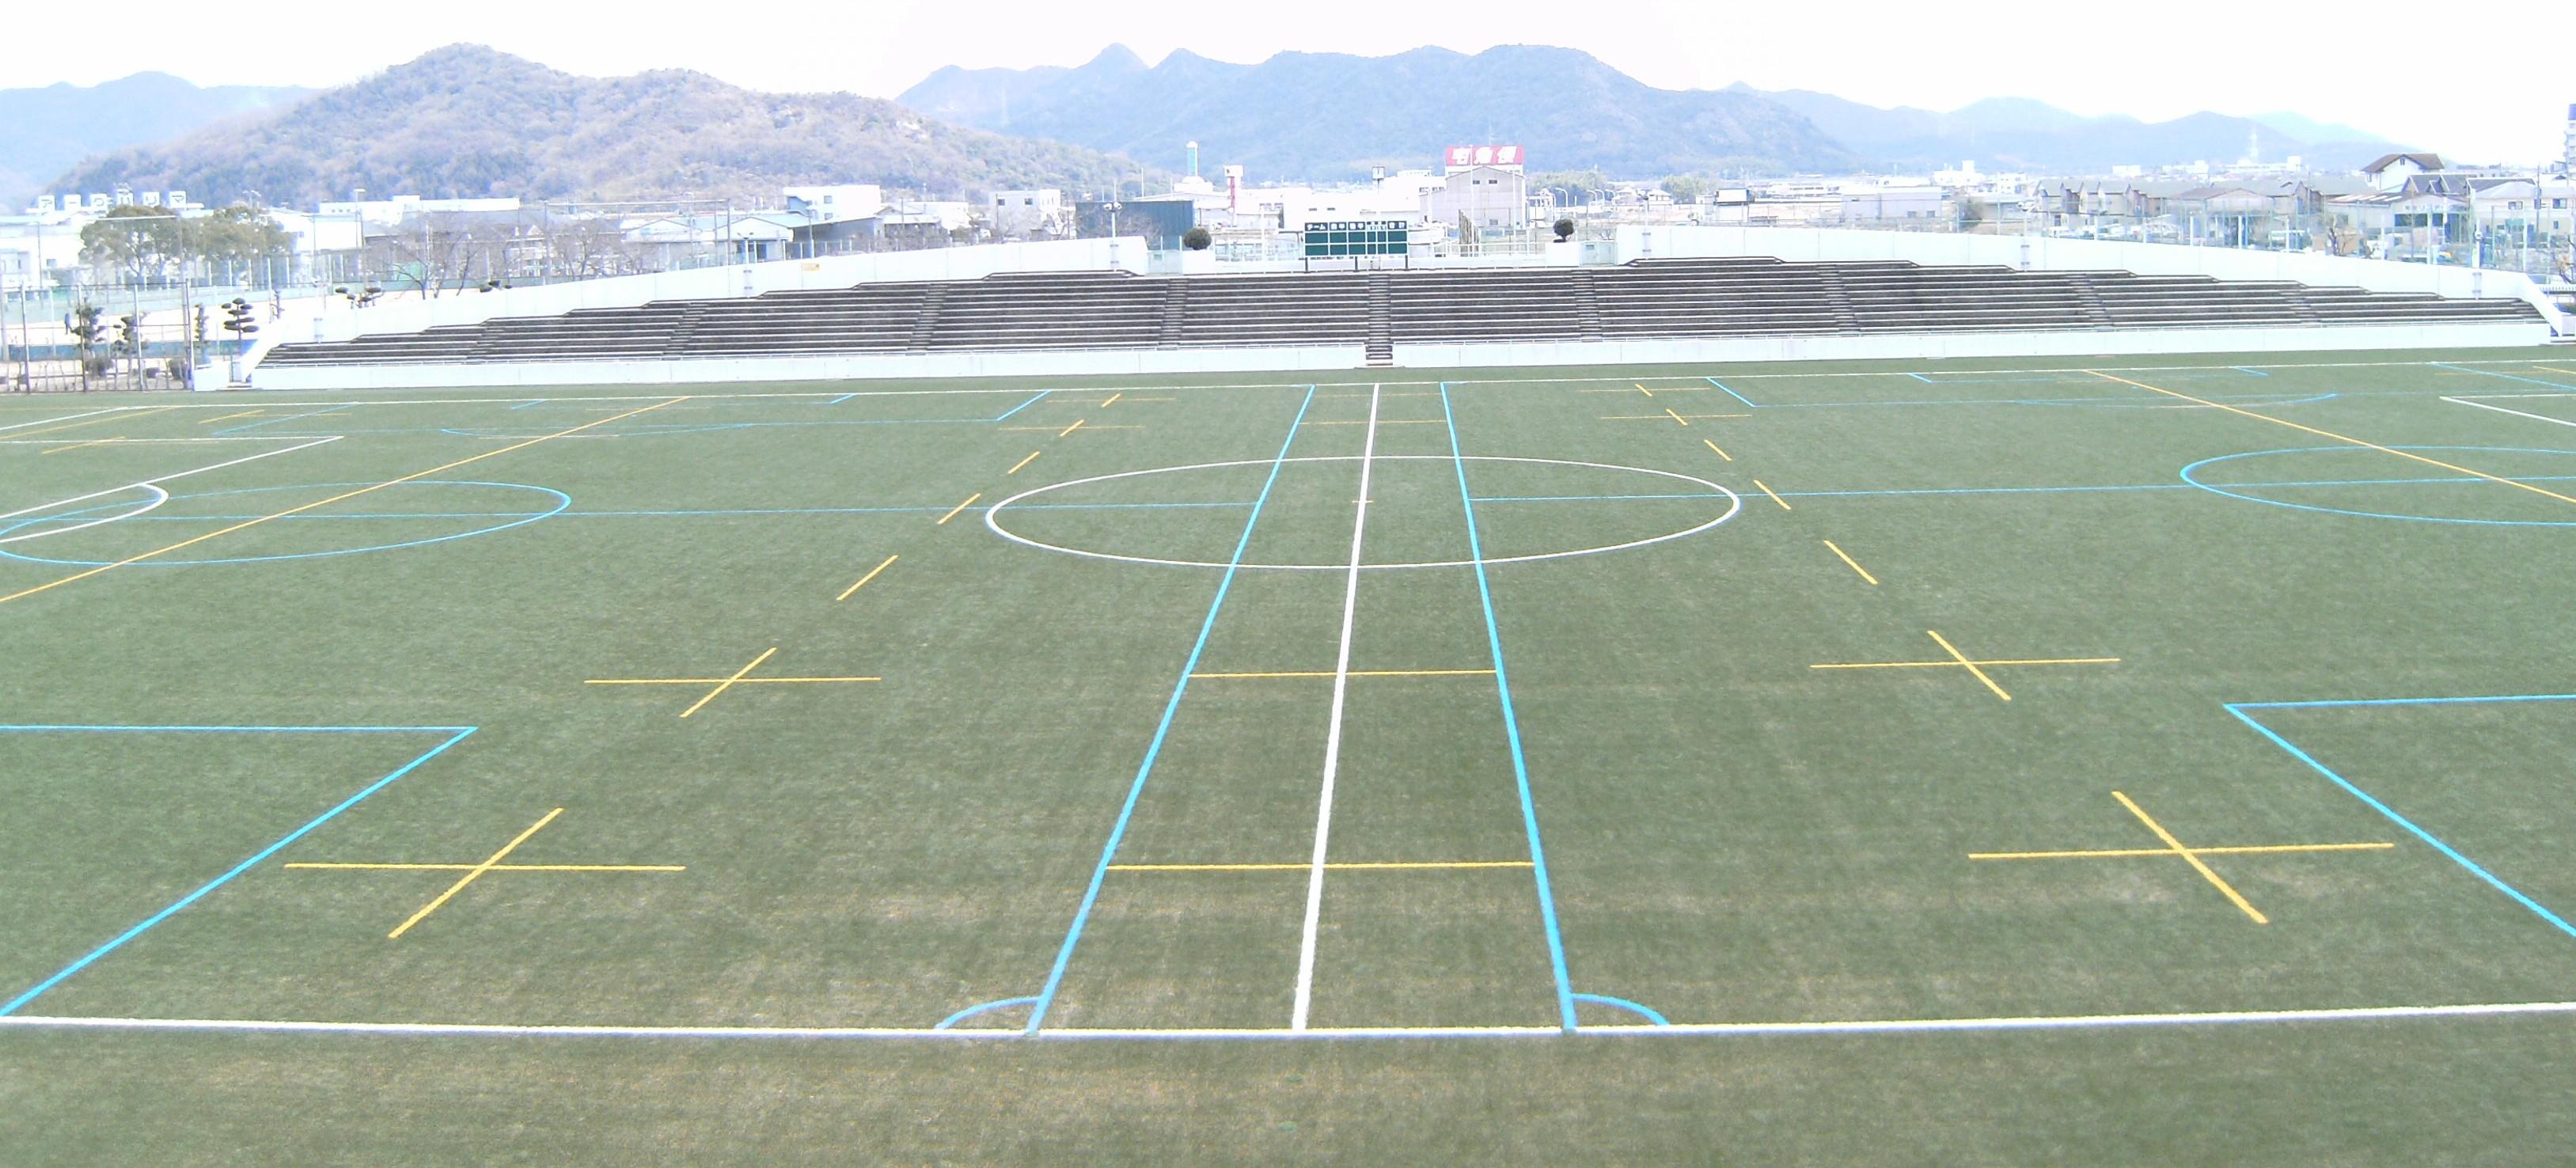 球技スポーツセンター球技場画像